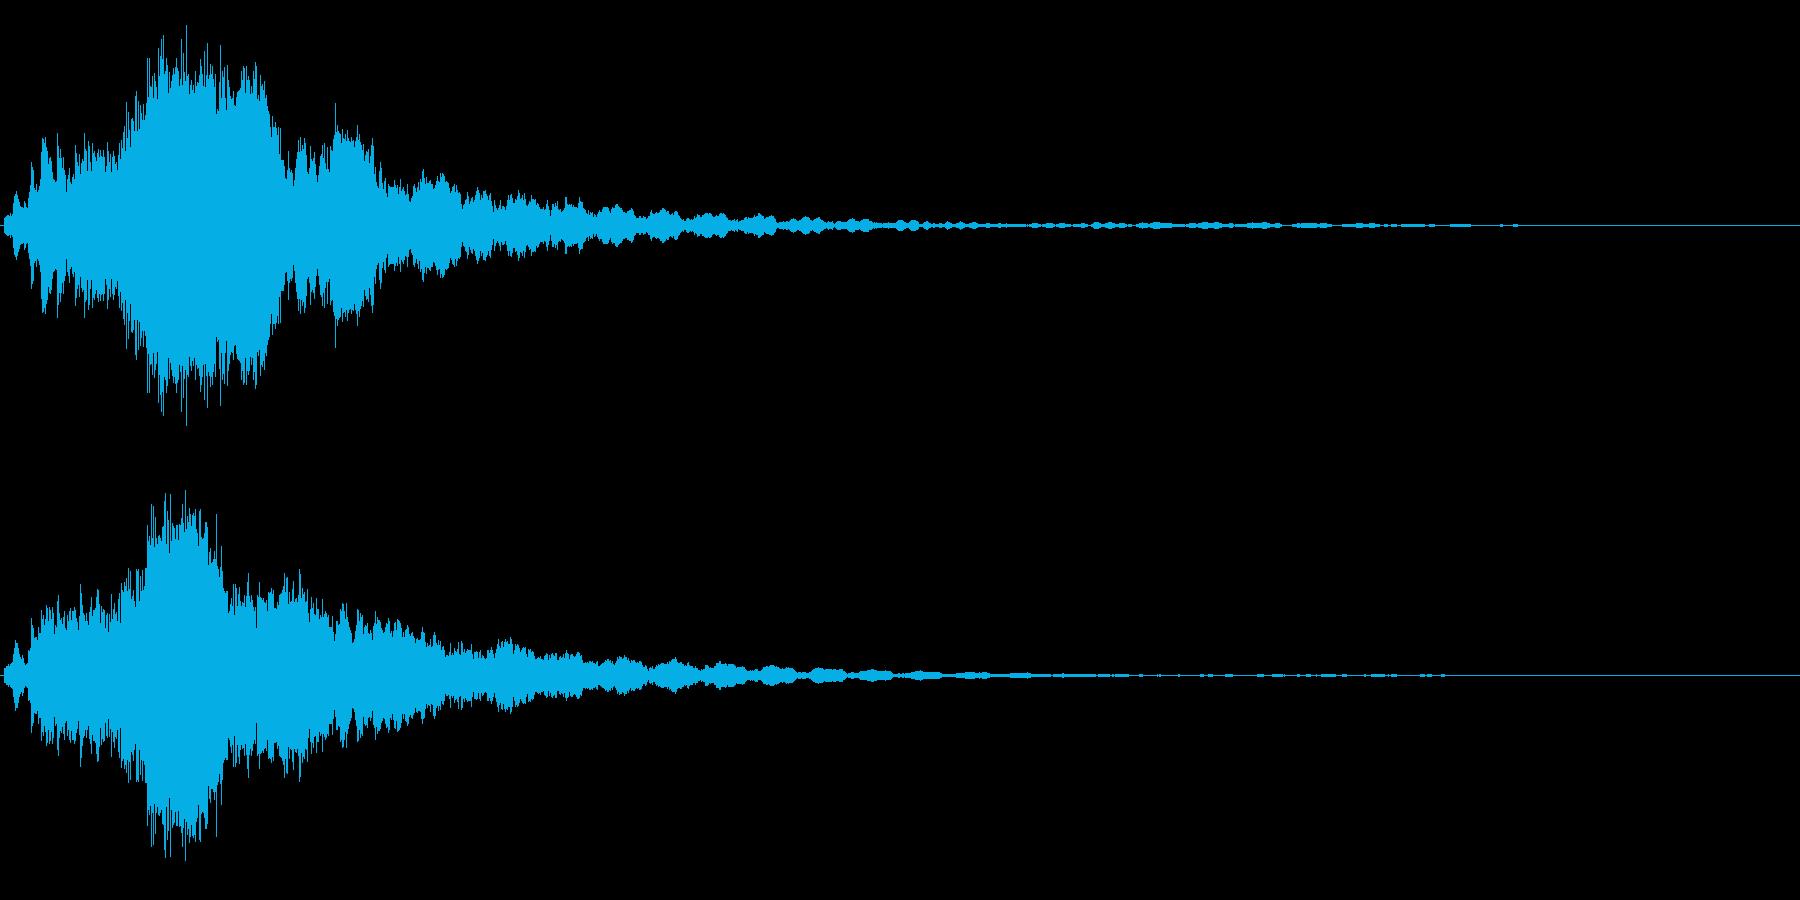 キラキラ☆ピキーン(星の輝き 魔法)01の再生済みの波形